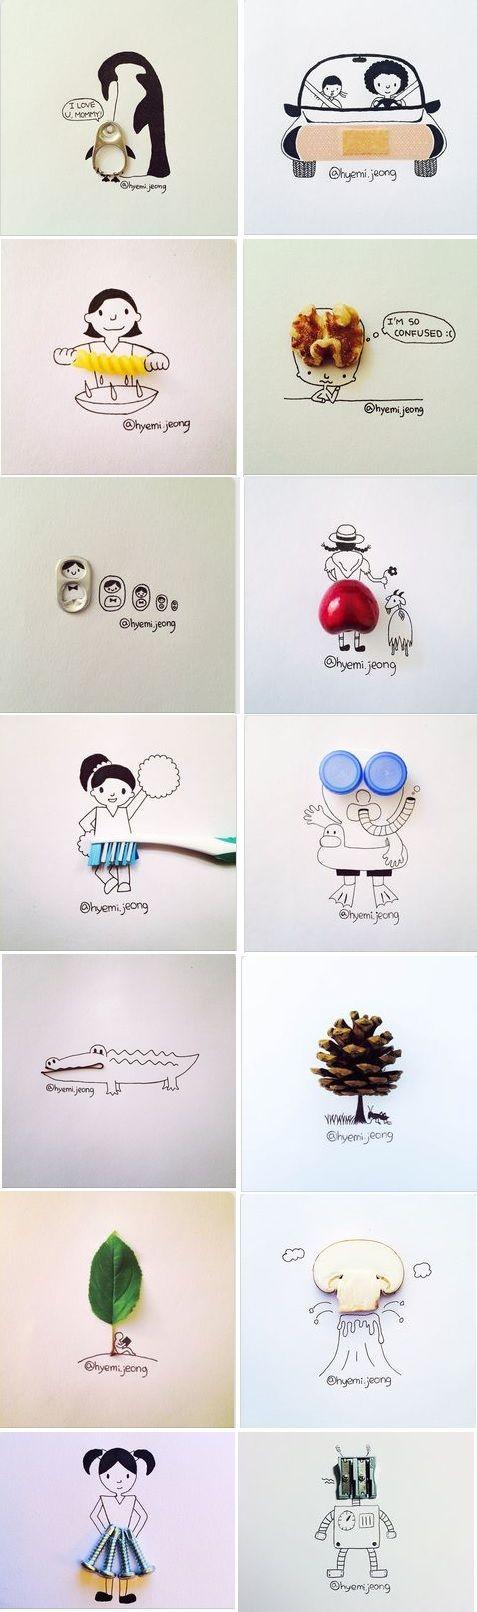 donnez à vous enfants 2 bouchons de bouteille, 1 pansement, des vis, 1 trombone, 1 cerise, 1 noix, 1 pomme de pin, des anneaux de canette etc... et laissez-les imaginer le dessin autour ! Inspirez vous de la créativité de Hyemi Jeong!